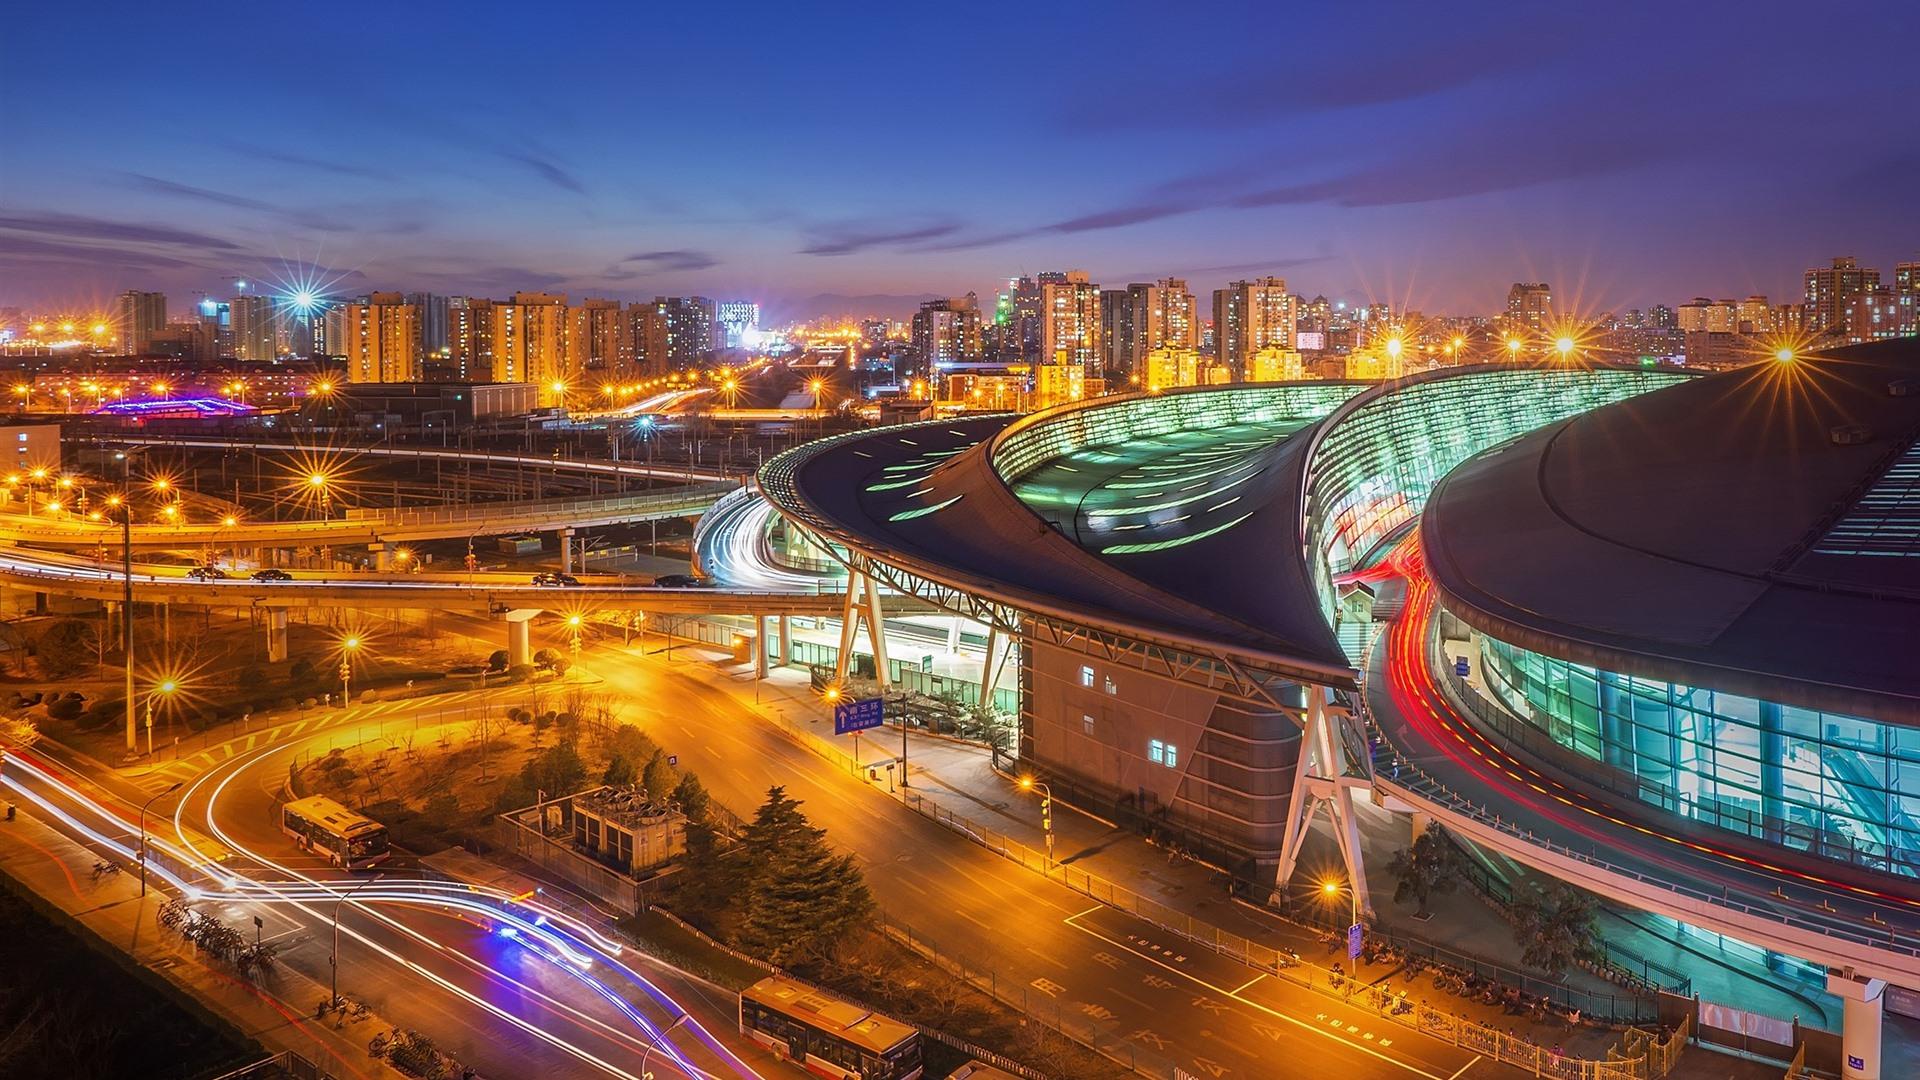 壁紙 夜の街 ライト 北京南駅 中国 19x10 Hd 無料のデスクトップの背景 画像